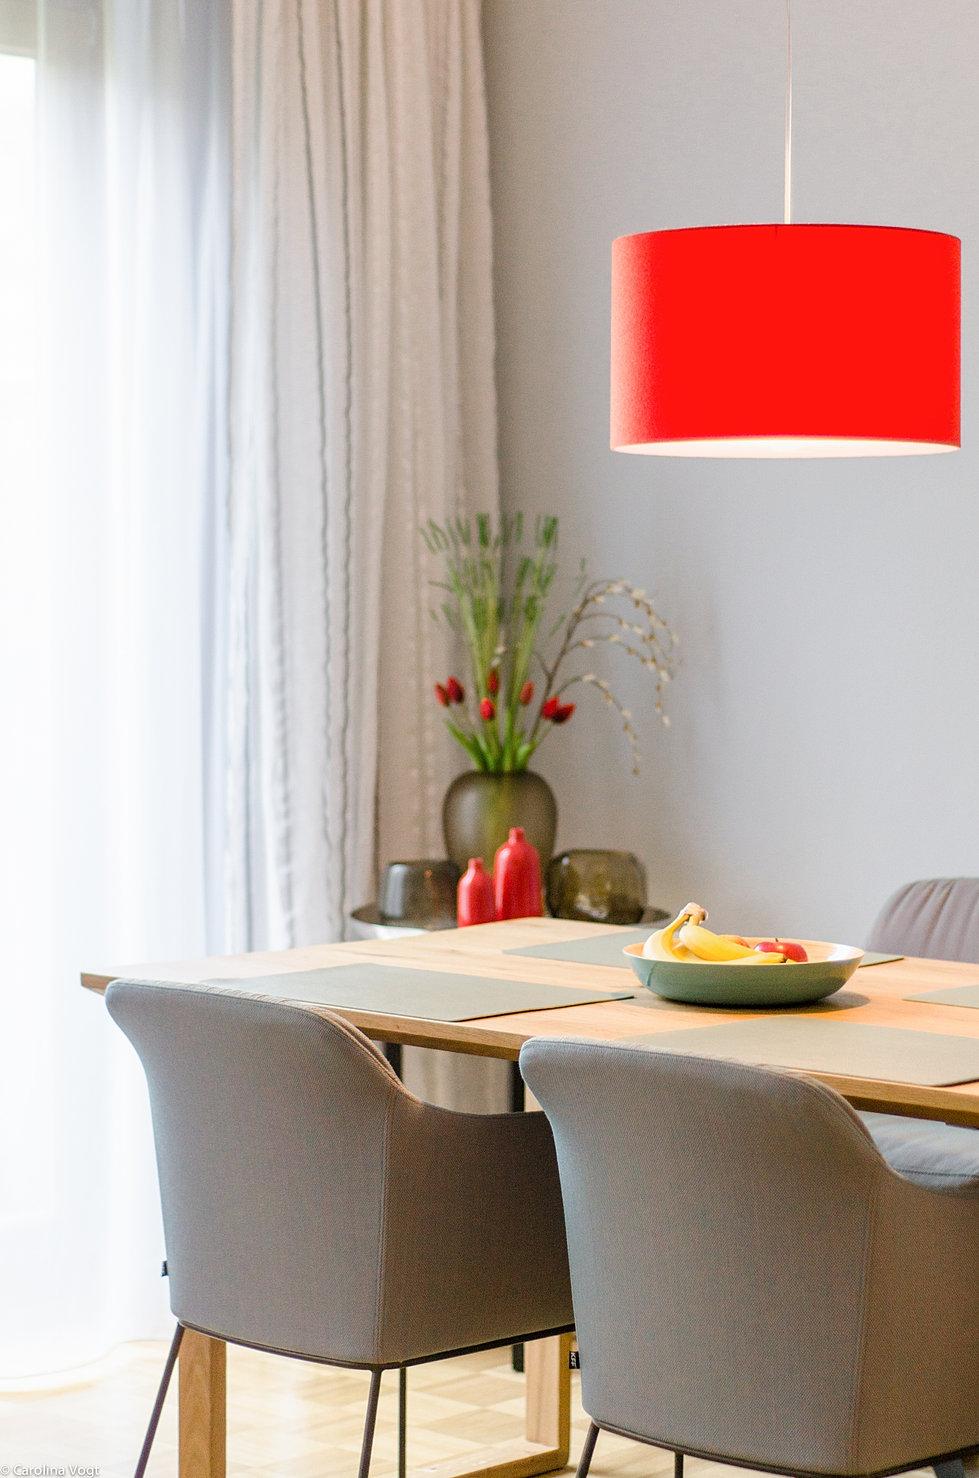 traumraum sonja vogt einrichtung m nchen. Black Bedroom Furniture Sets. Home Design Ideas